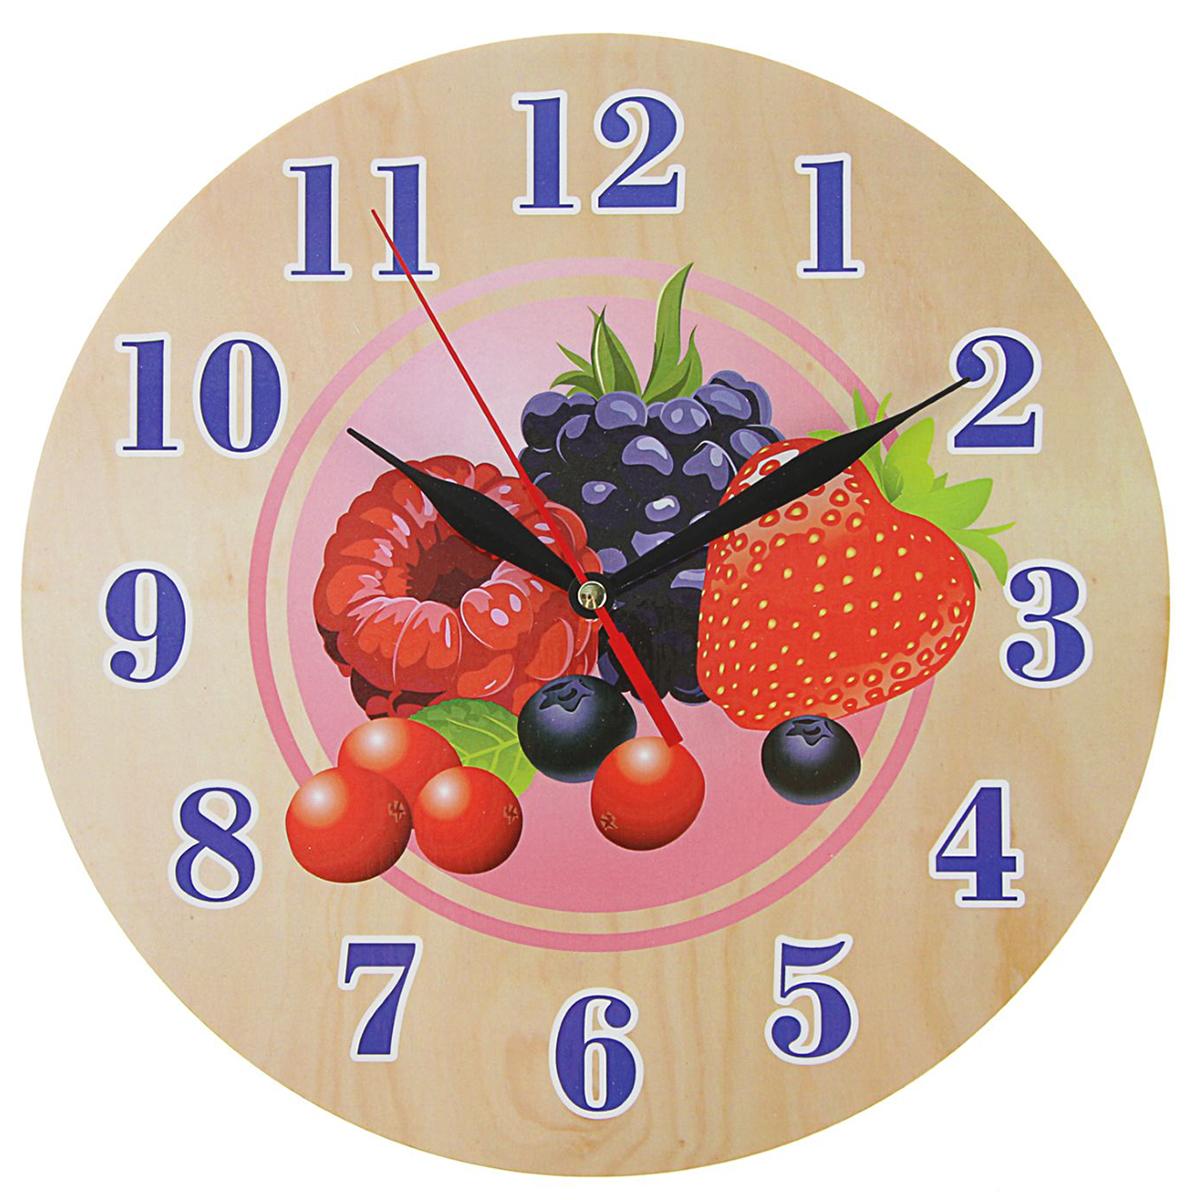 Часы настенные Лесные ягоды, диаметр 25 см2497887— сувенир в полном смысле этого слова. И главная его задача — хранить воспоминание о месте, где вы побывали, или о том человеке, который подарил данный предмет. Преподнесите эту вещь своему другу, и она станет достойным украшением его дома. Каждому хозяину периодически приходит мысль обновить свою квартиру, сделать ремонт, перестановку или кардинально поменять внешний вид каждой комнаты. — привлекательная деталь, которая поможет воплотить вашу интерьерную идею, создать неповторимую атмосферу в вашем доме. Окружите себя приятными мелочами, пусть они радуют глаз и дарят гармонию.Часы Лесные ягоды круглые, O 25 см 2497887